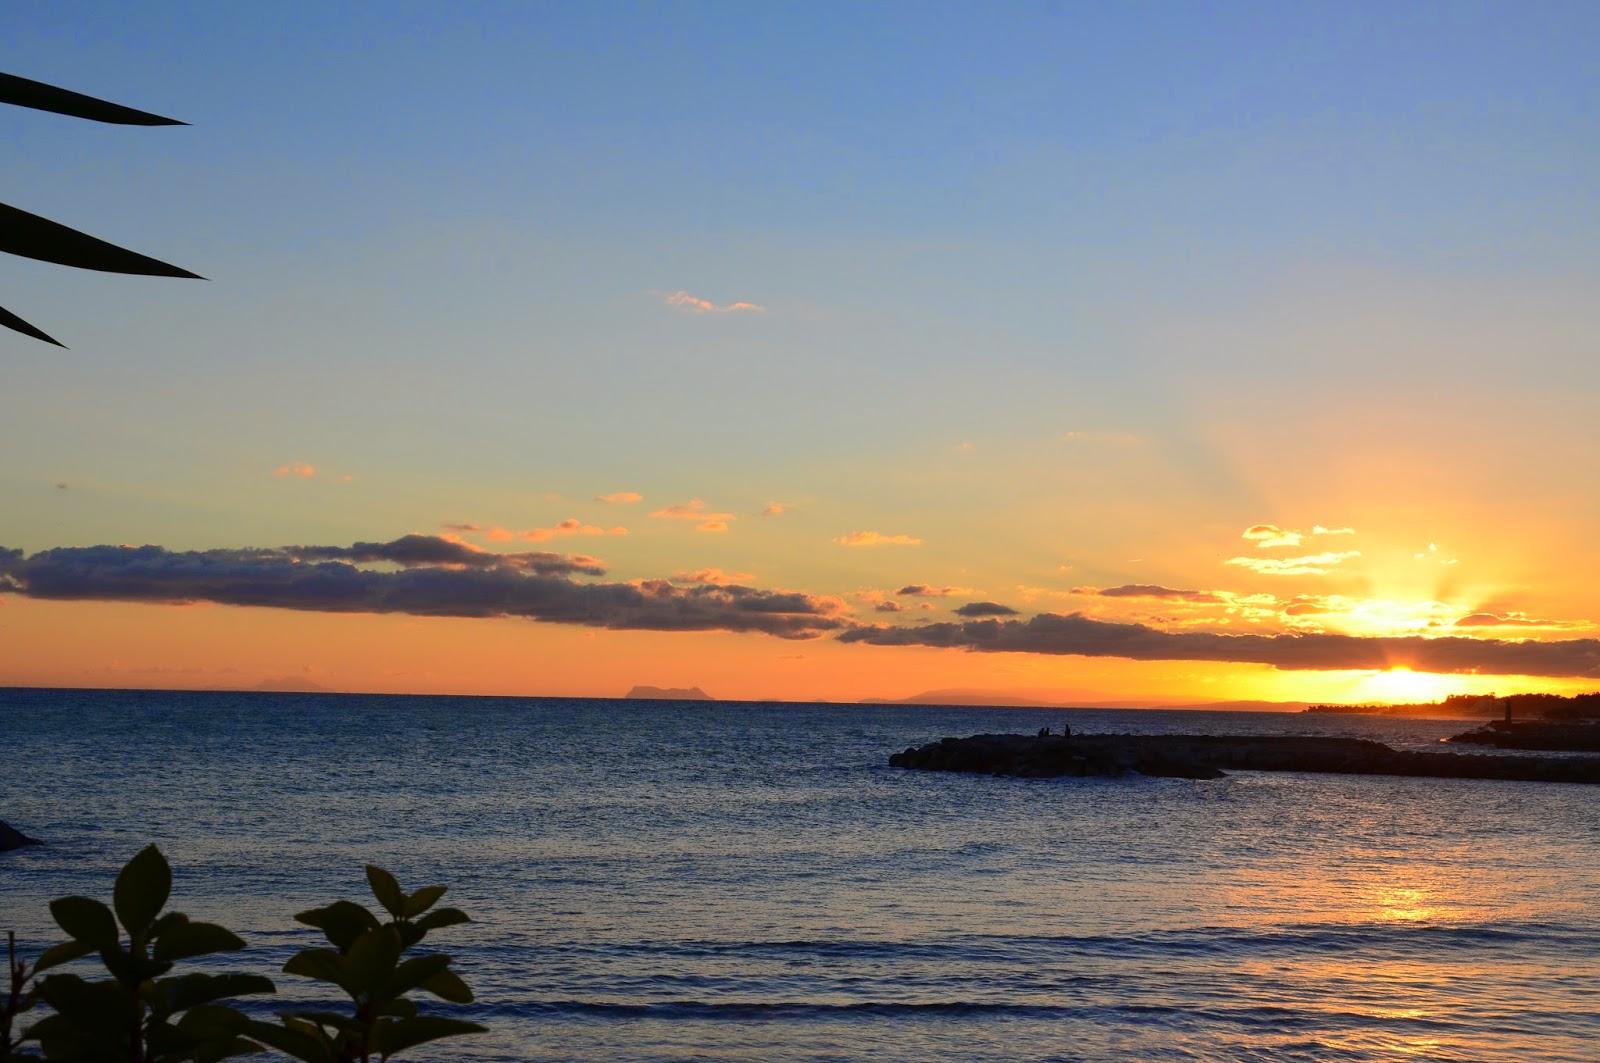 Sunset Puerto Banus to Africa JustMelKate